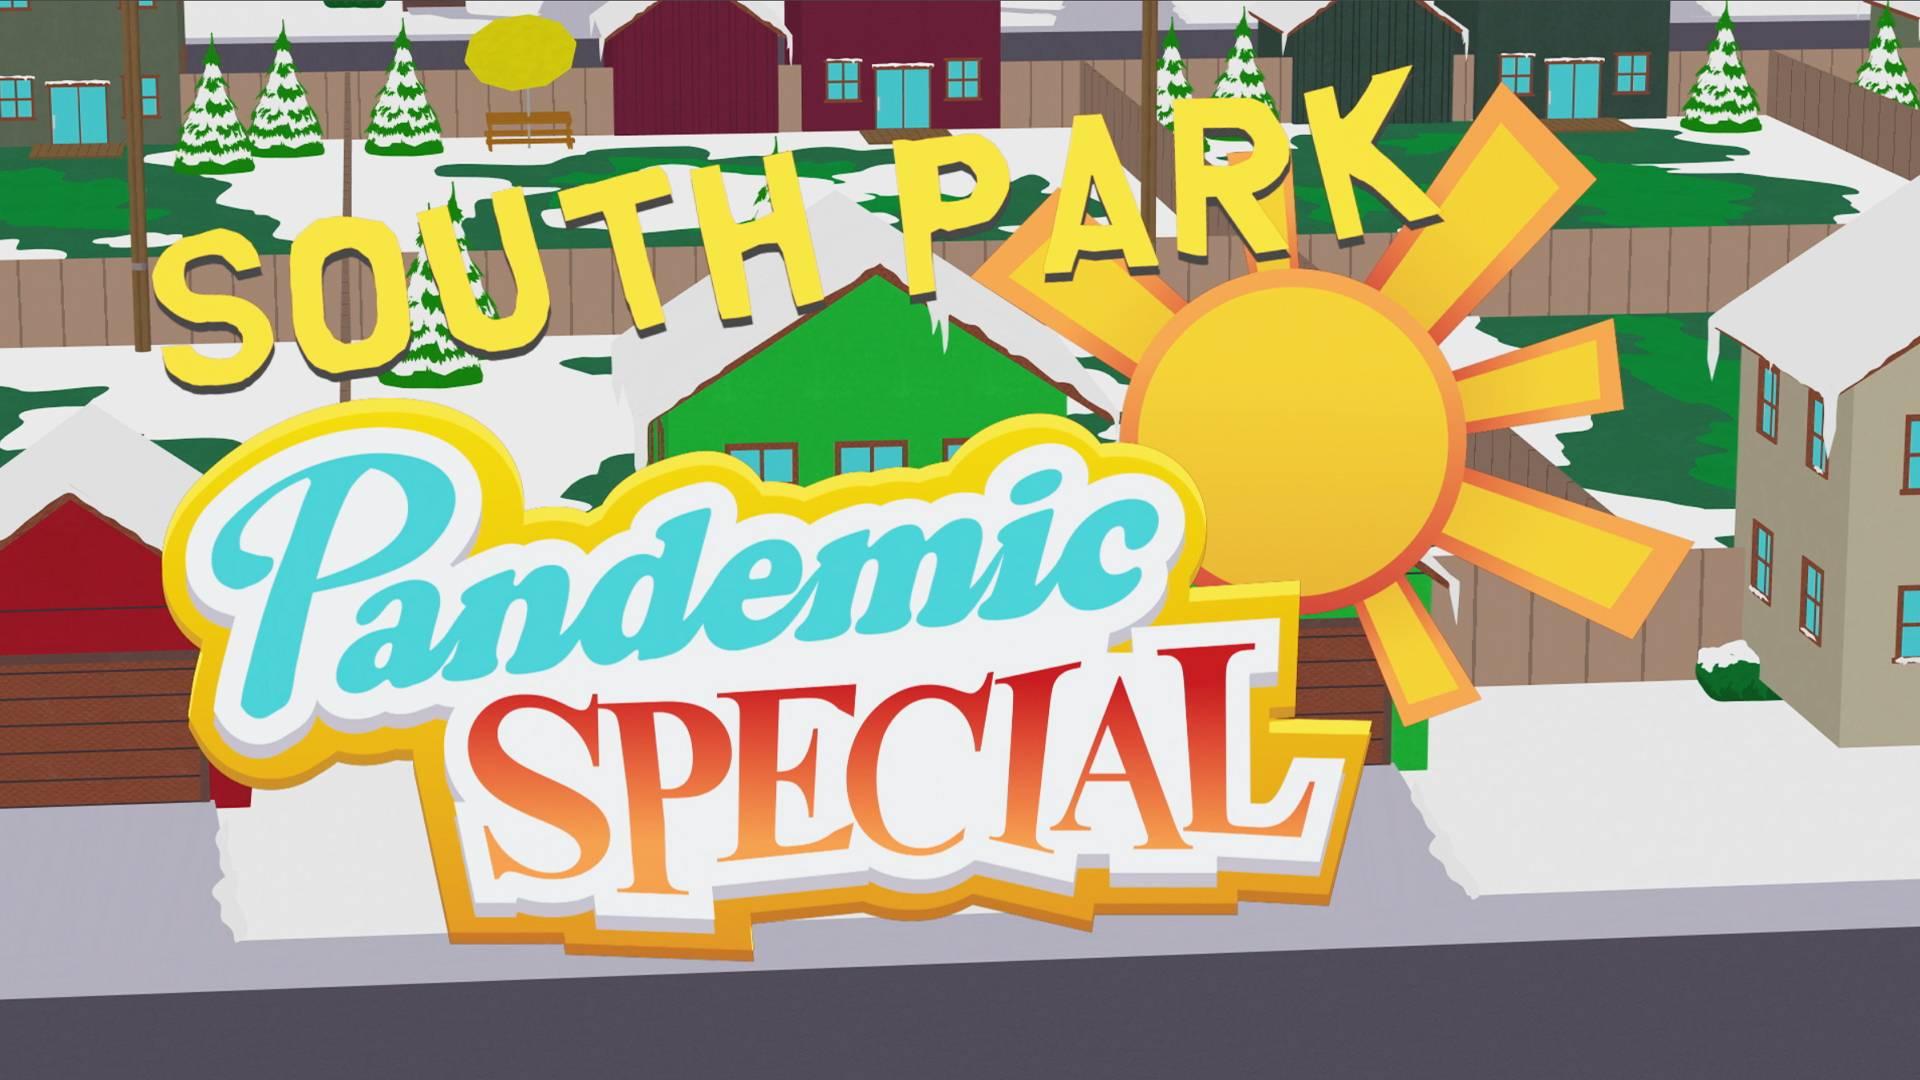 South Park: Episodio especial de pandemia